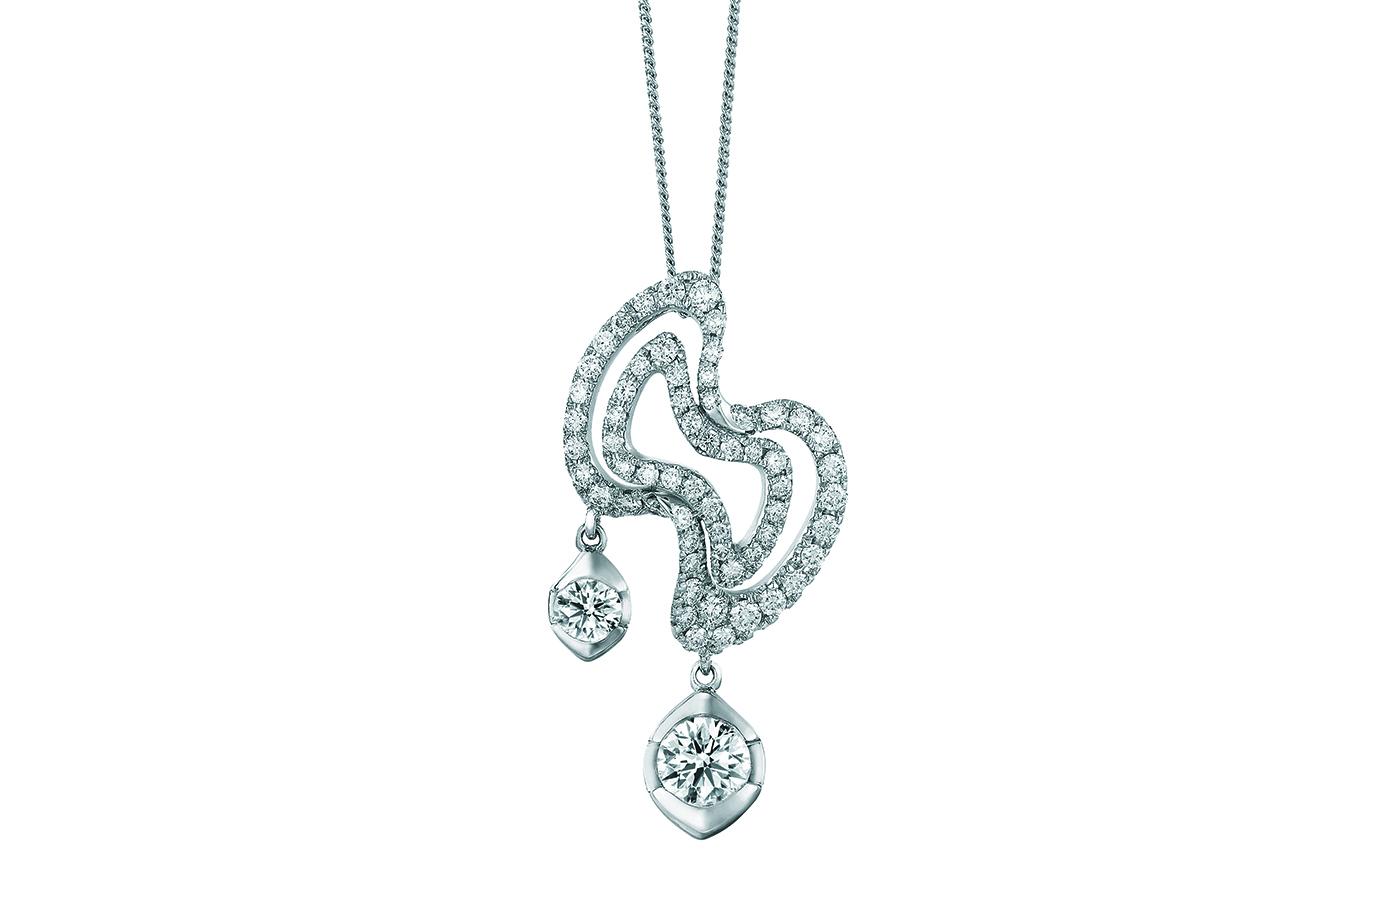 時尚系列夢采飾墜,鑲有62顆共重1.364卡鑽石。飾墜中央由華麗的閃鑽鋪砌成簡約的蝴蝶結,垂吊兩顆大小不一、各具特色的美鑽,綻放耀眼光芒。